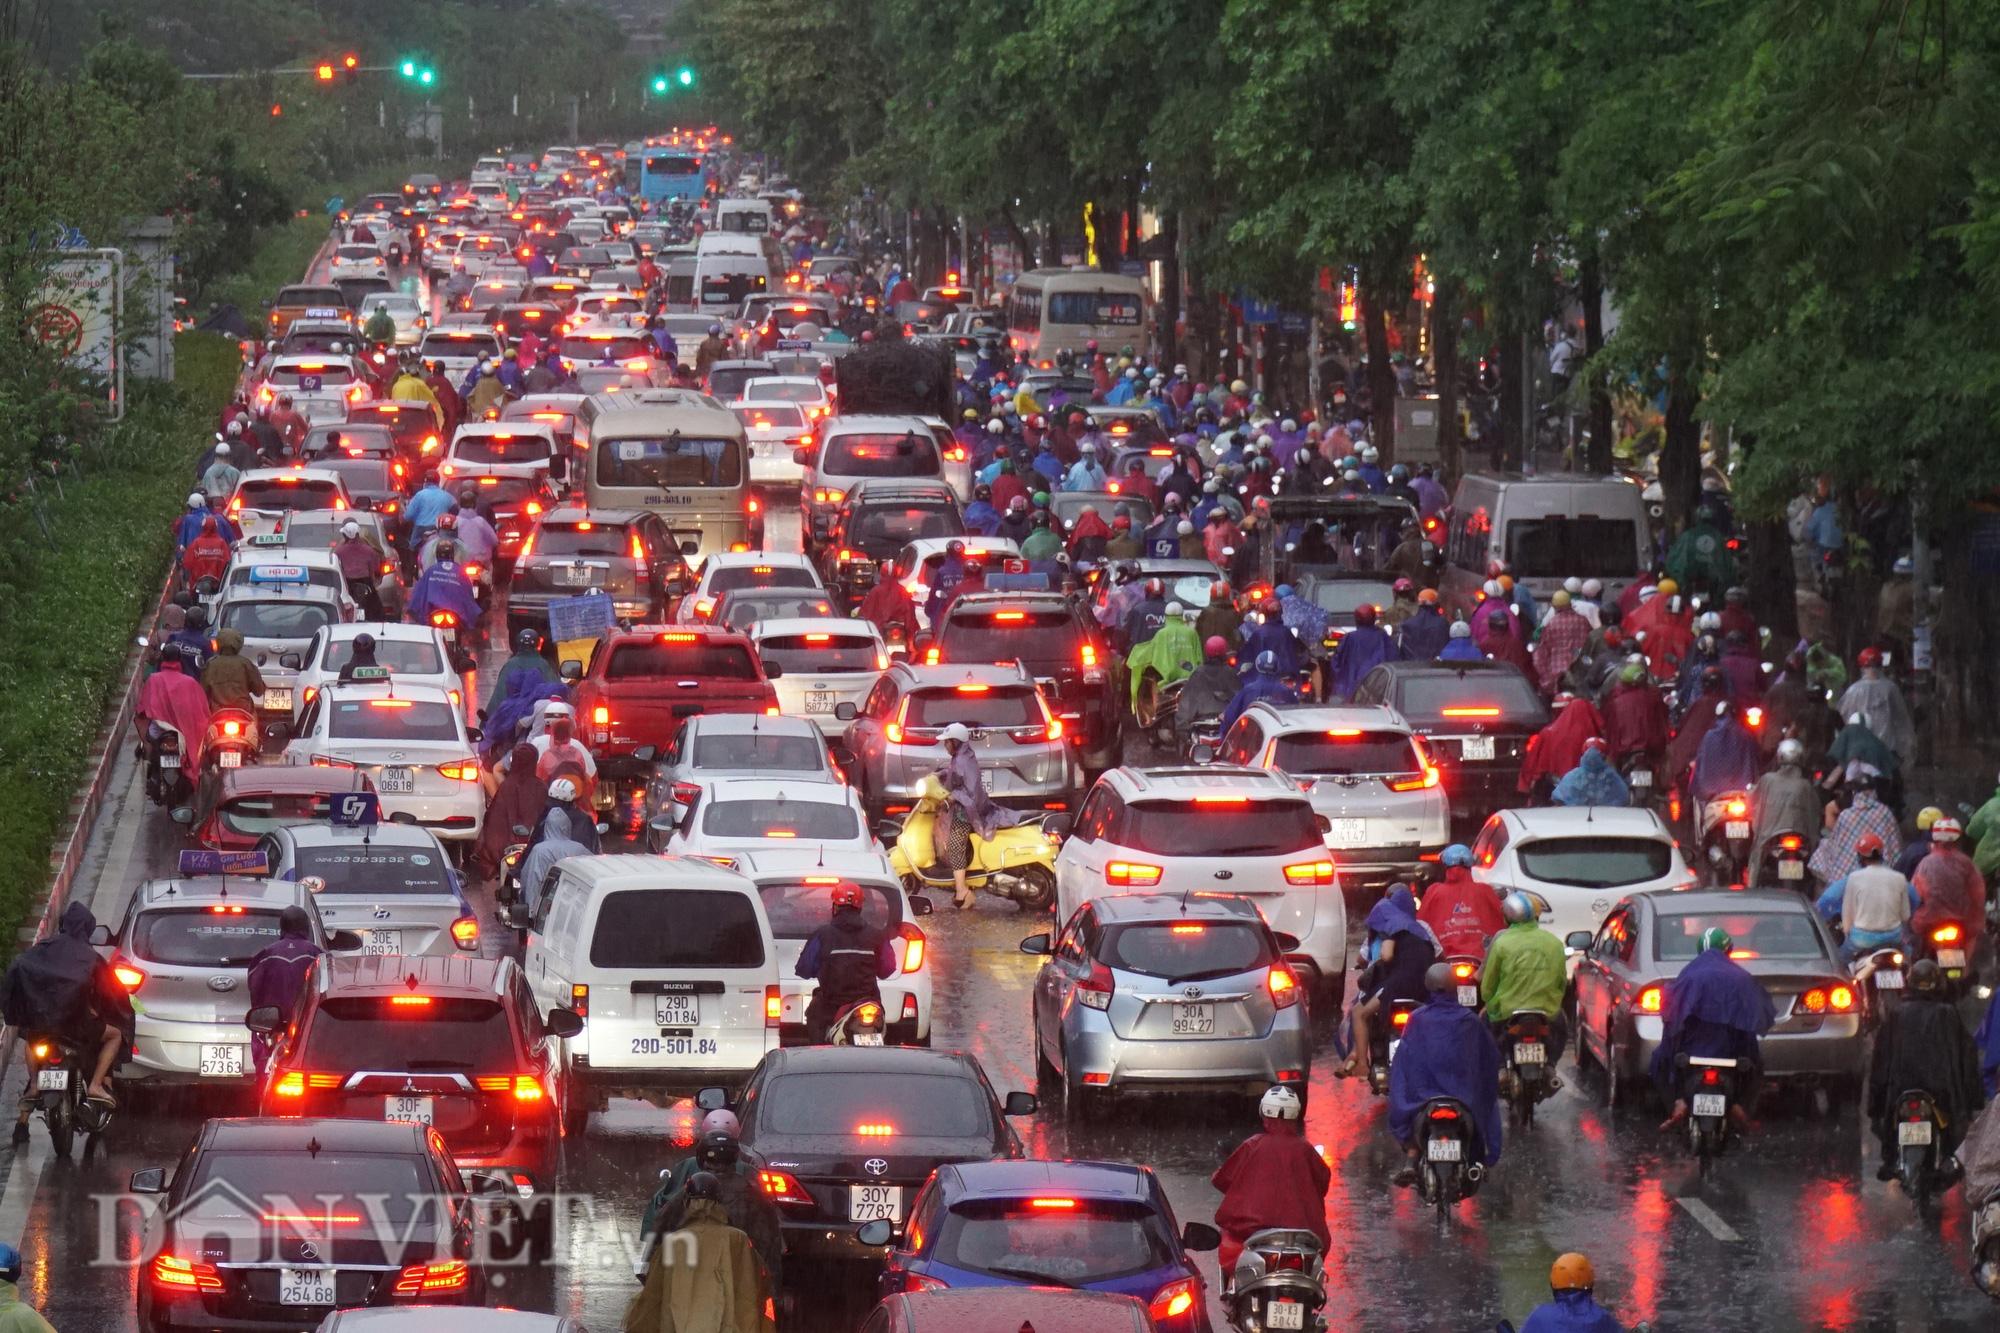 Hà Nội giảm 10 độ sau cơn mưa vàng - Ảnh 1.